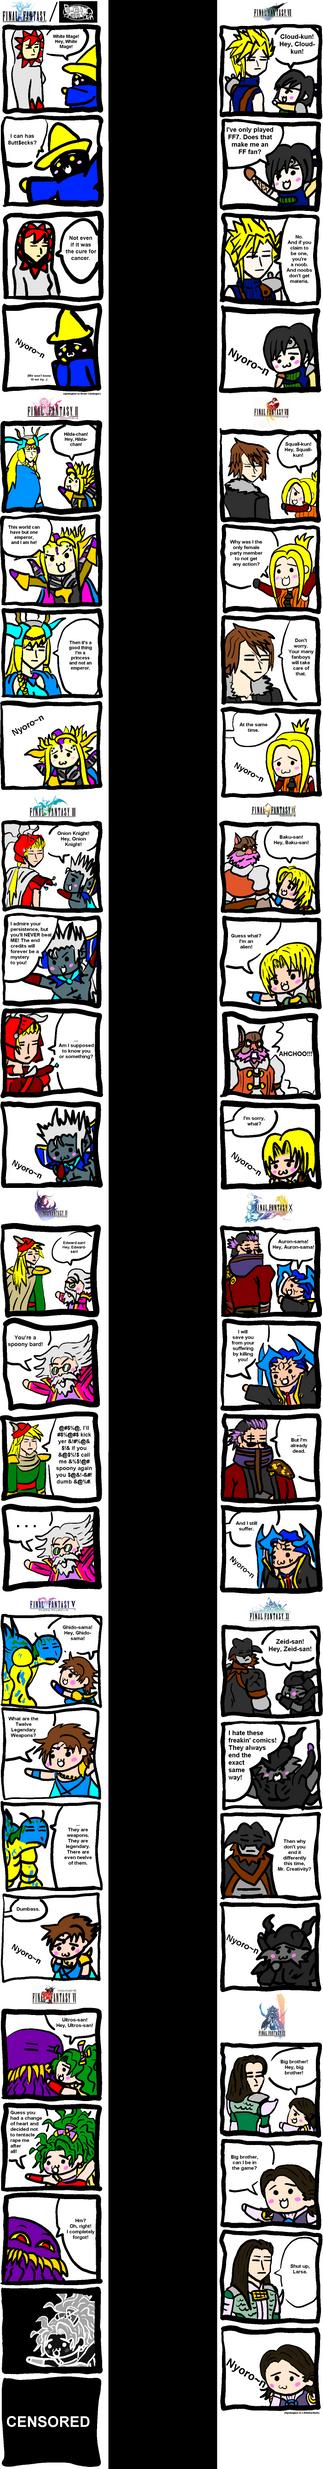 Final Fantasy Nyoro-n JumboPak by Sephiroth7734